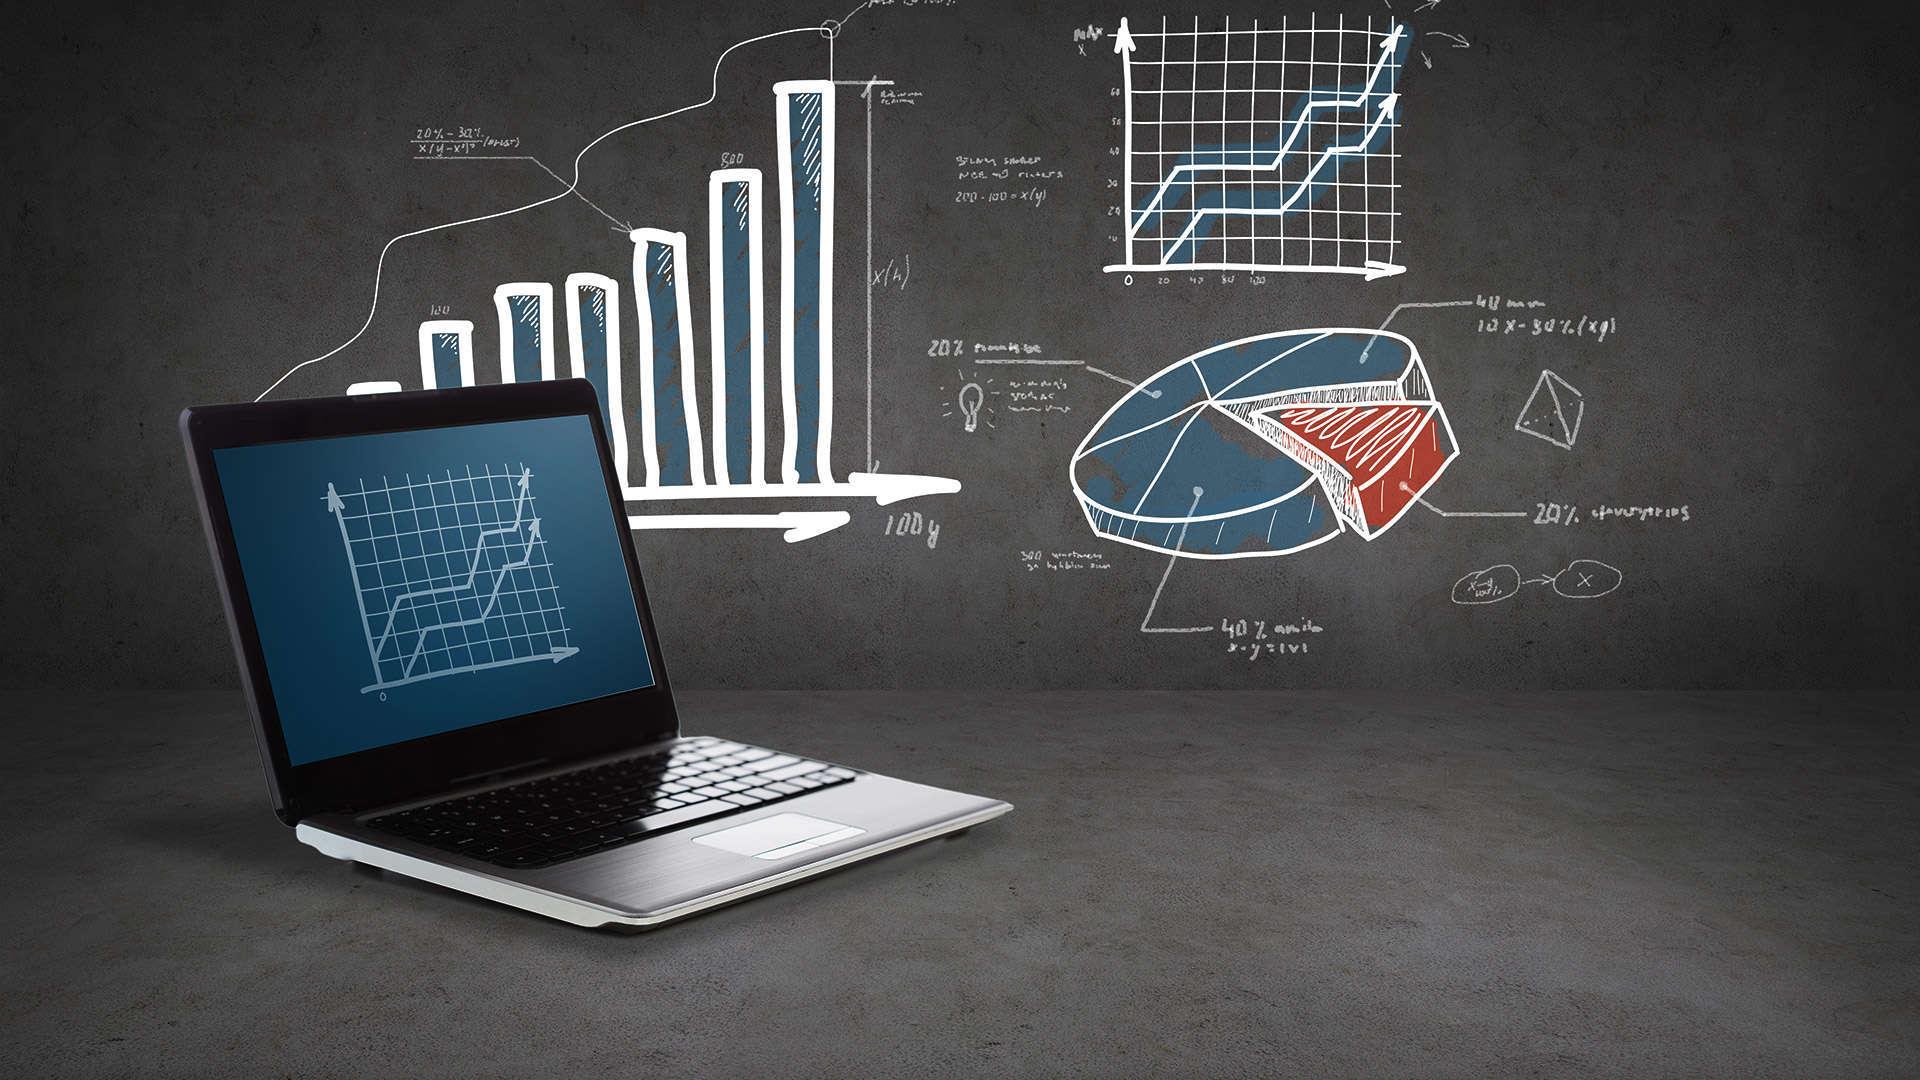 wallpaper analytics data